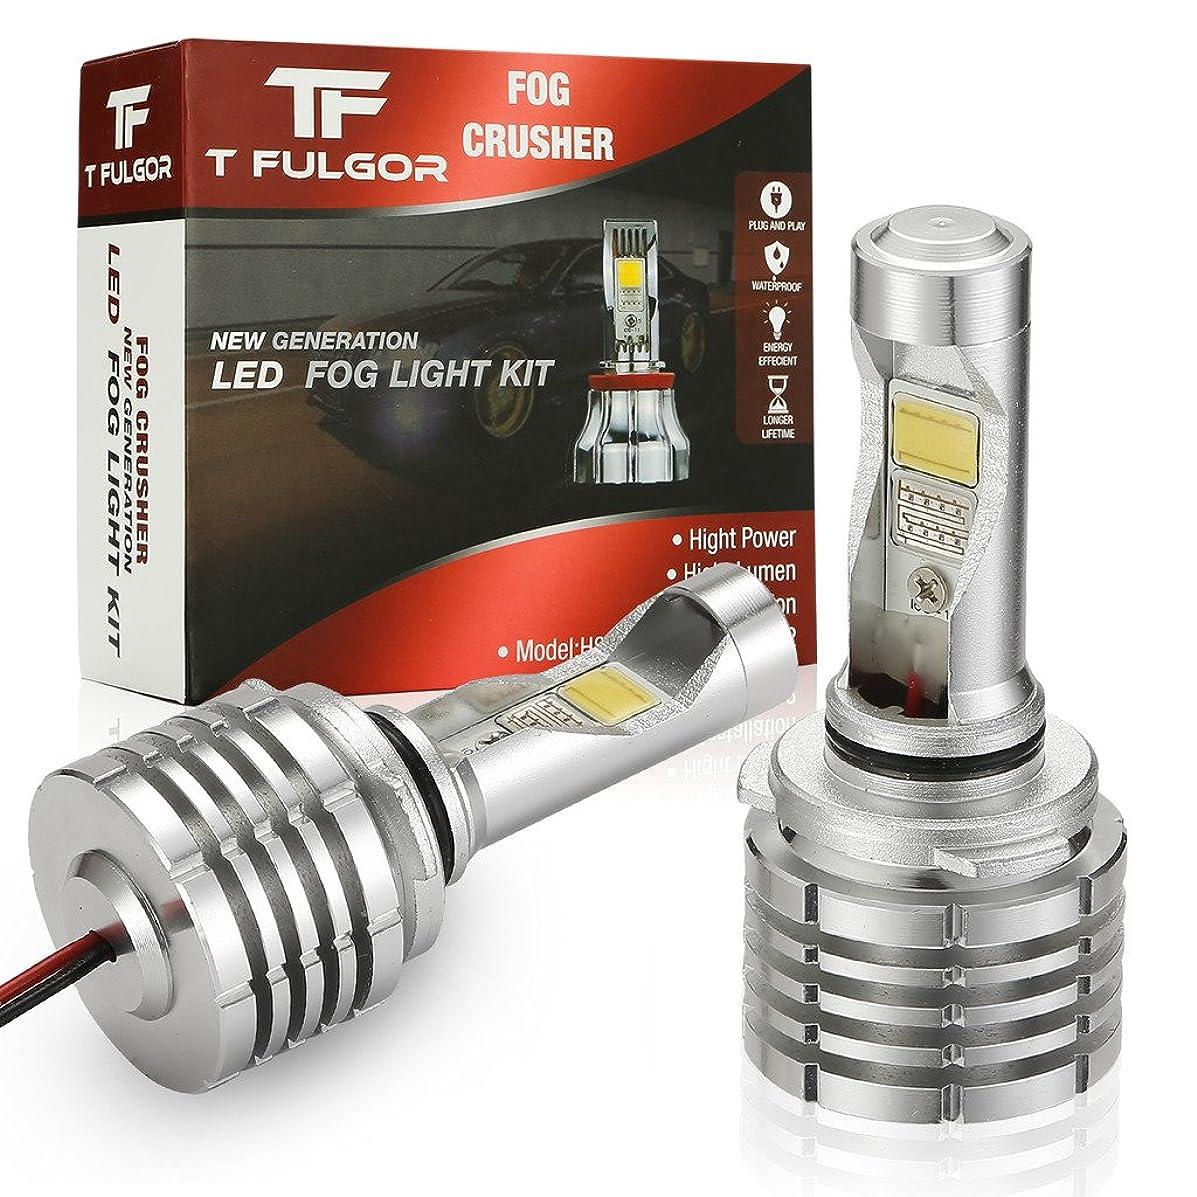 T FULGOR Fog Crusher Extremely Bright LED Daytime Running light, DRL, fog light Bulbs, CANBus Error Free, 6000K, 1200 lumens, Golden Yellow light, Pack of 2 (9005,9006, Golden Yellow)